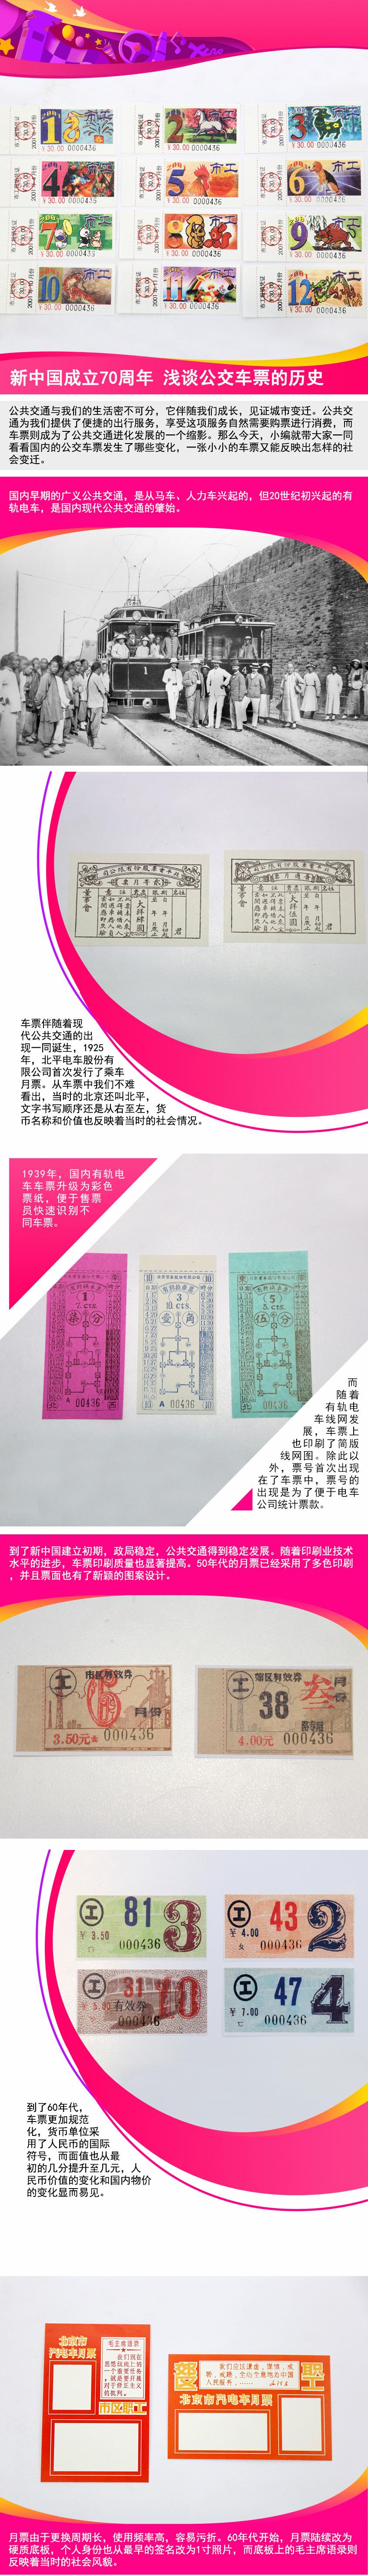 新中国成立70周年 浅谈公交车票的历史